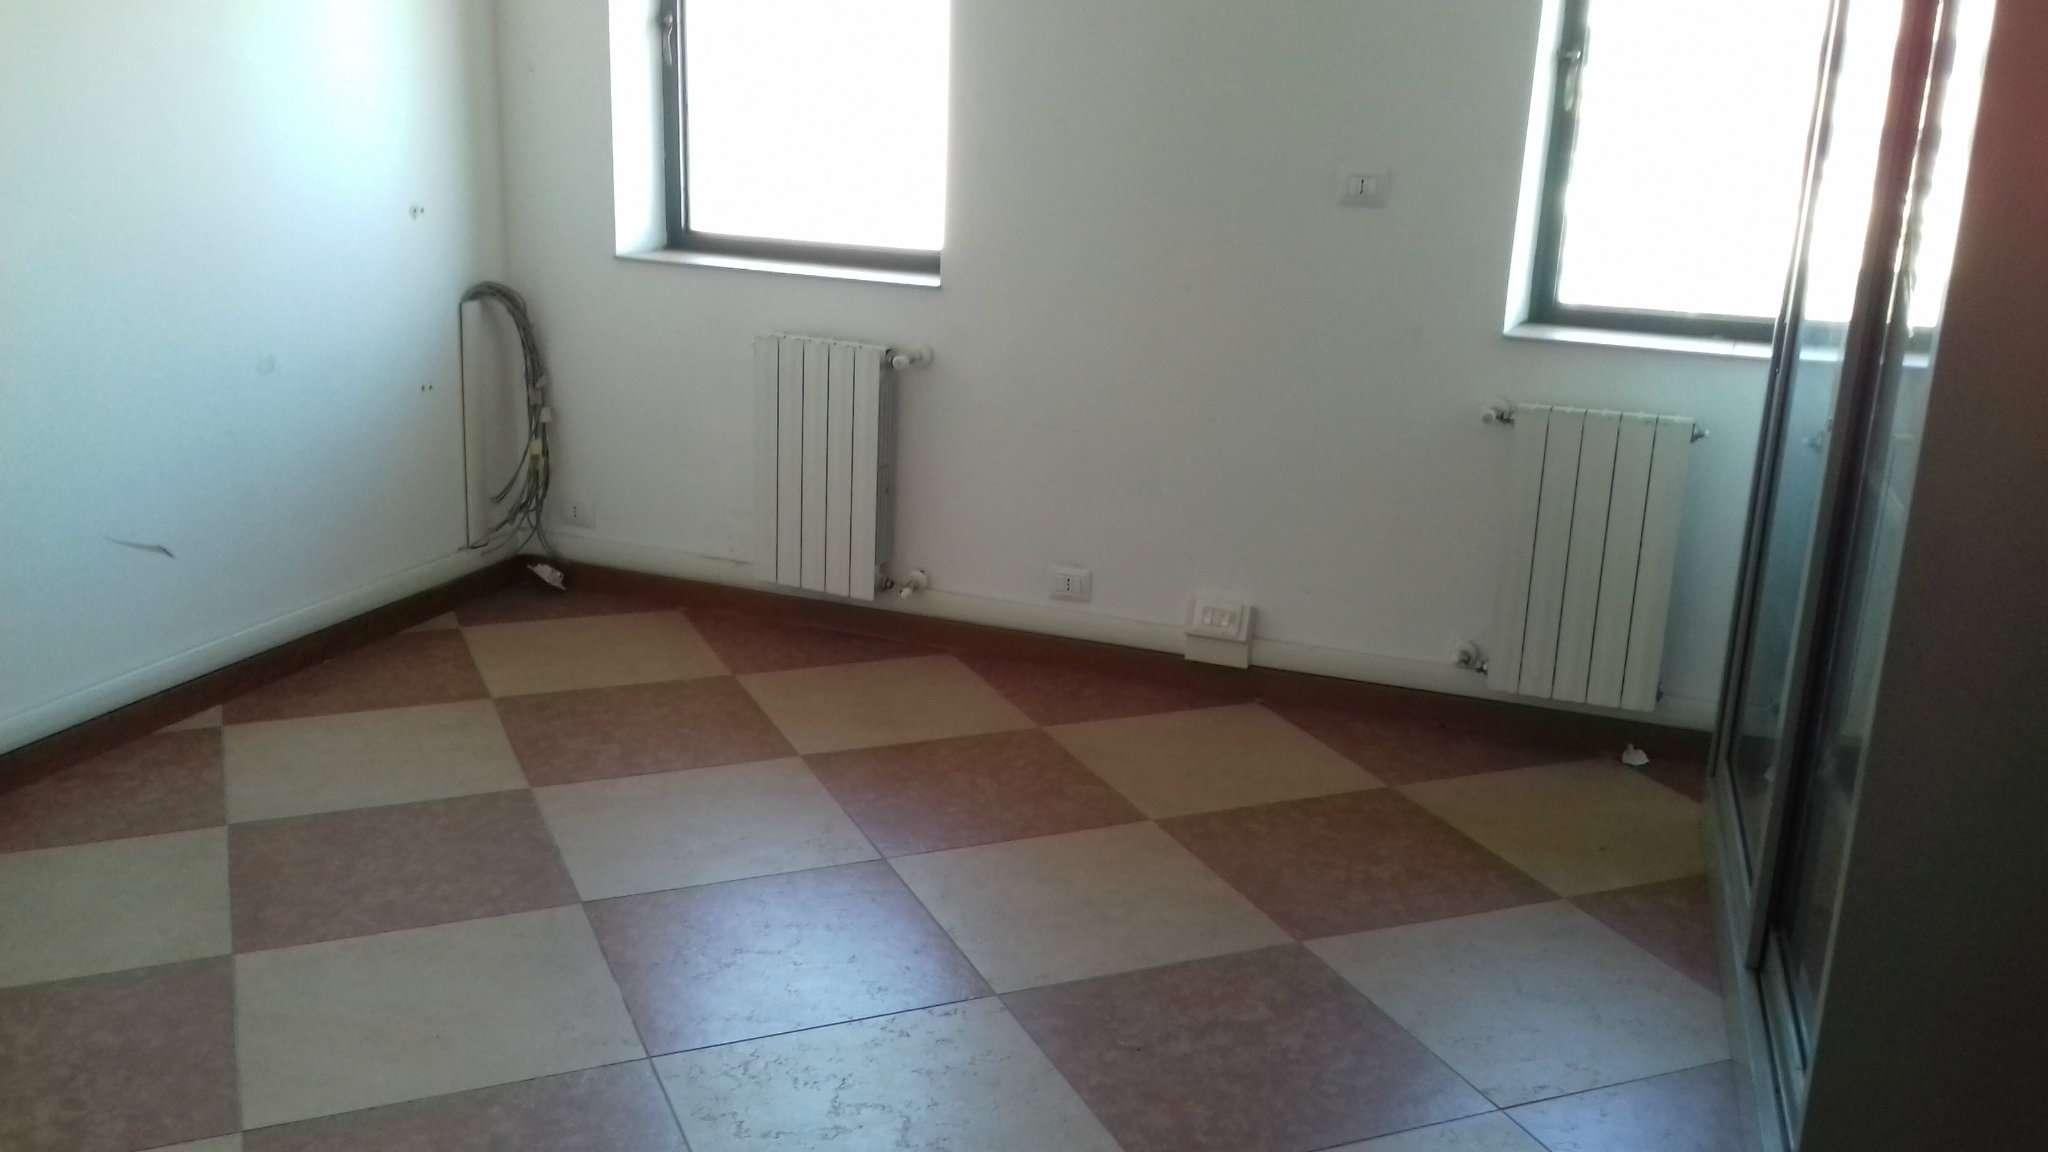 Ufficio / Studio in affitto a Trofarello, 1 locali, prezzo € 250 | PortaleAgenzieImmobiliari.it